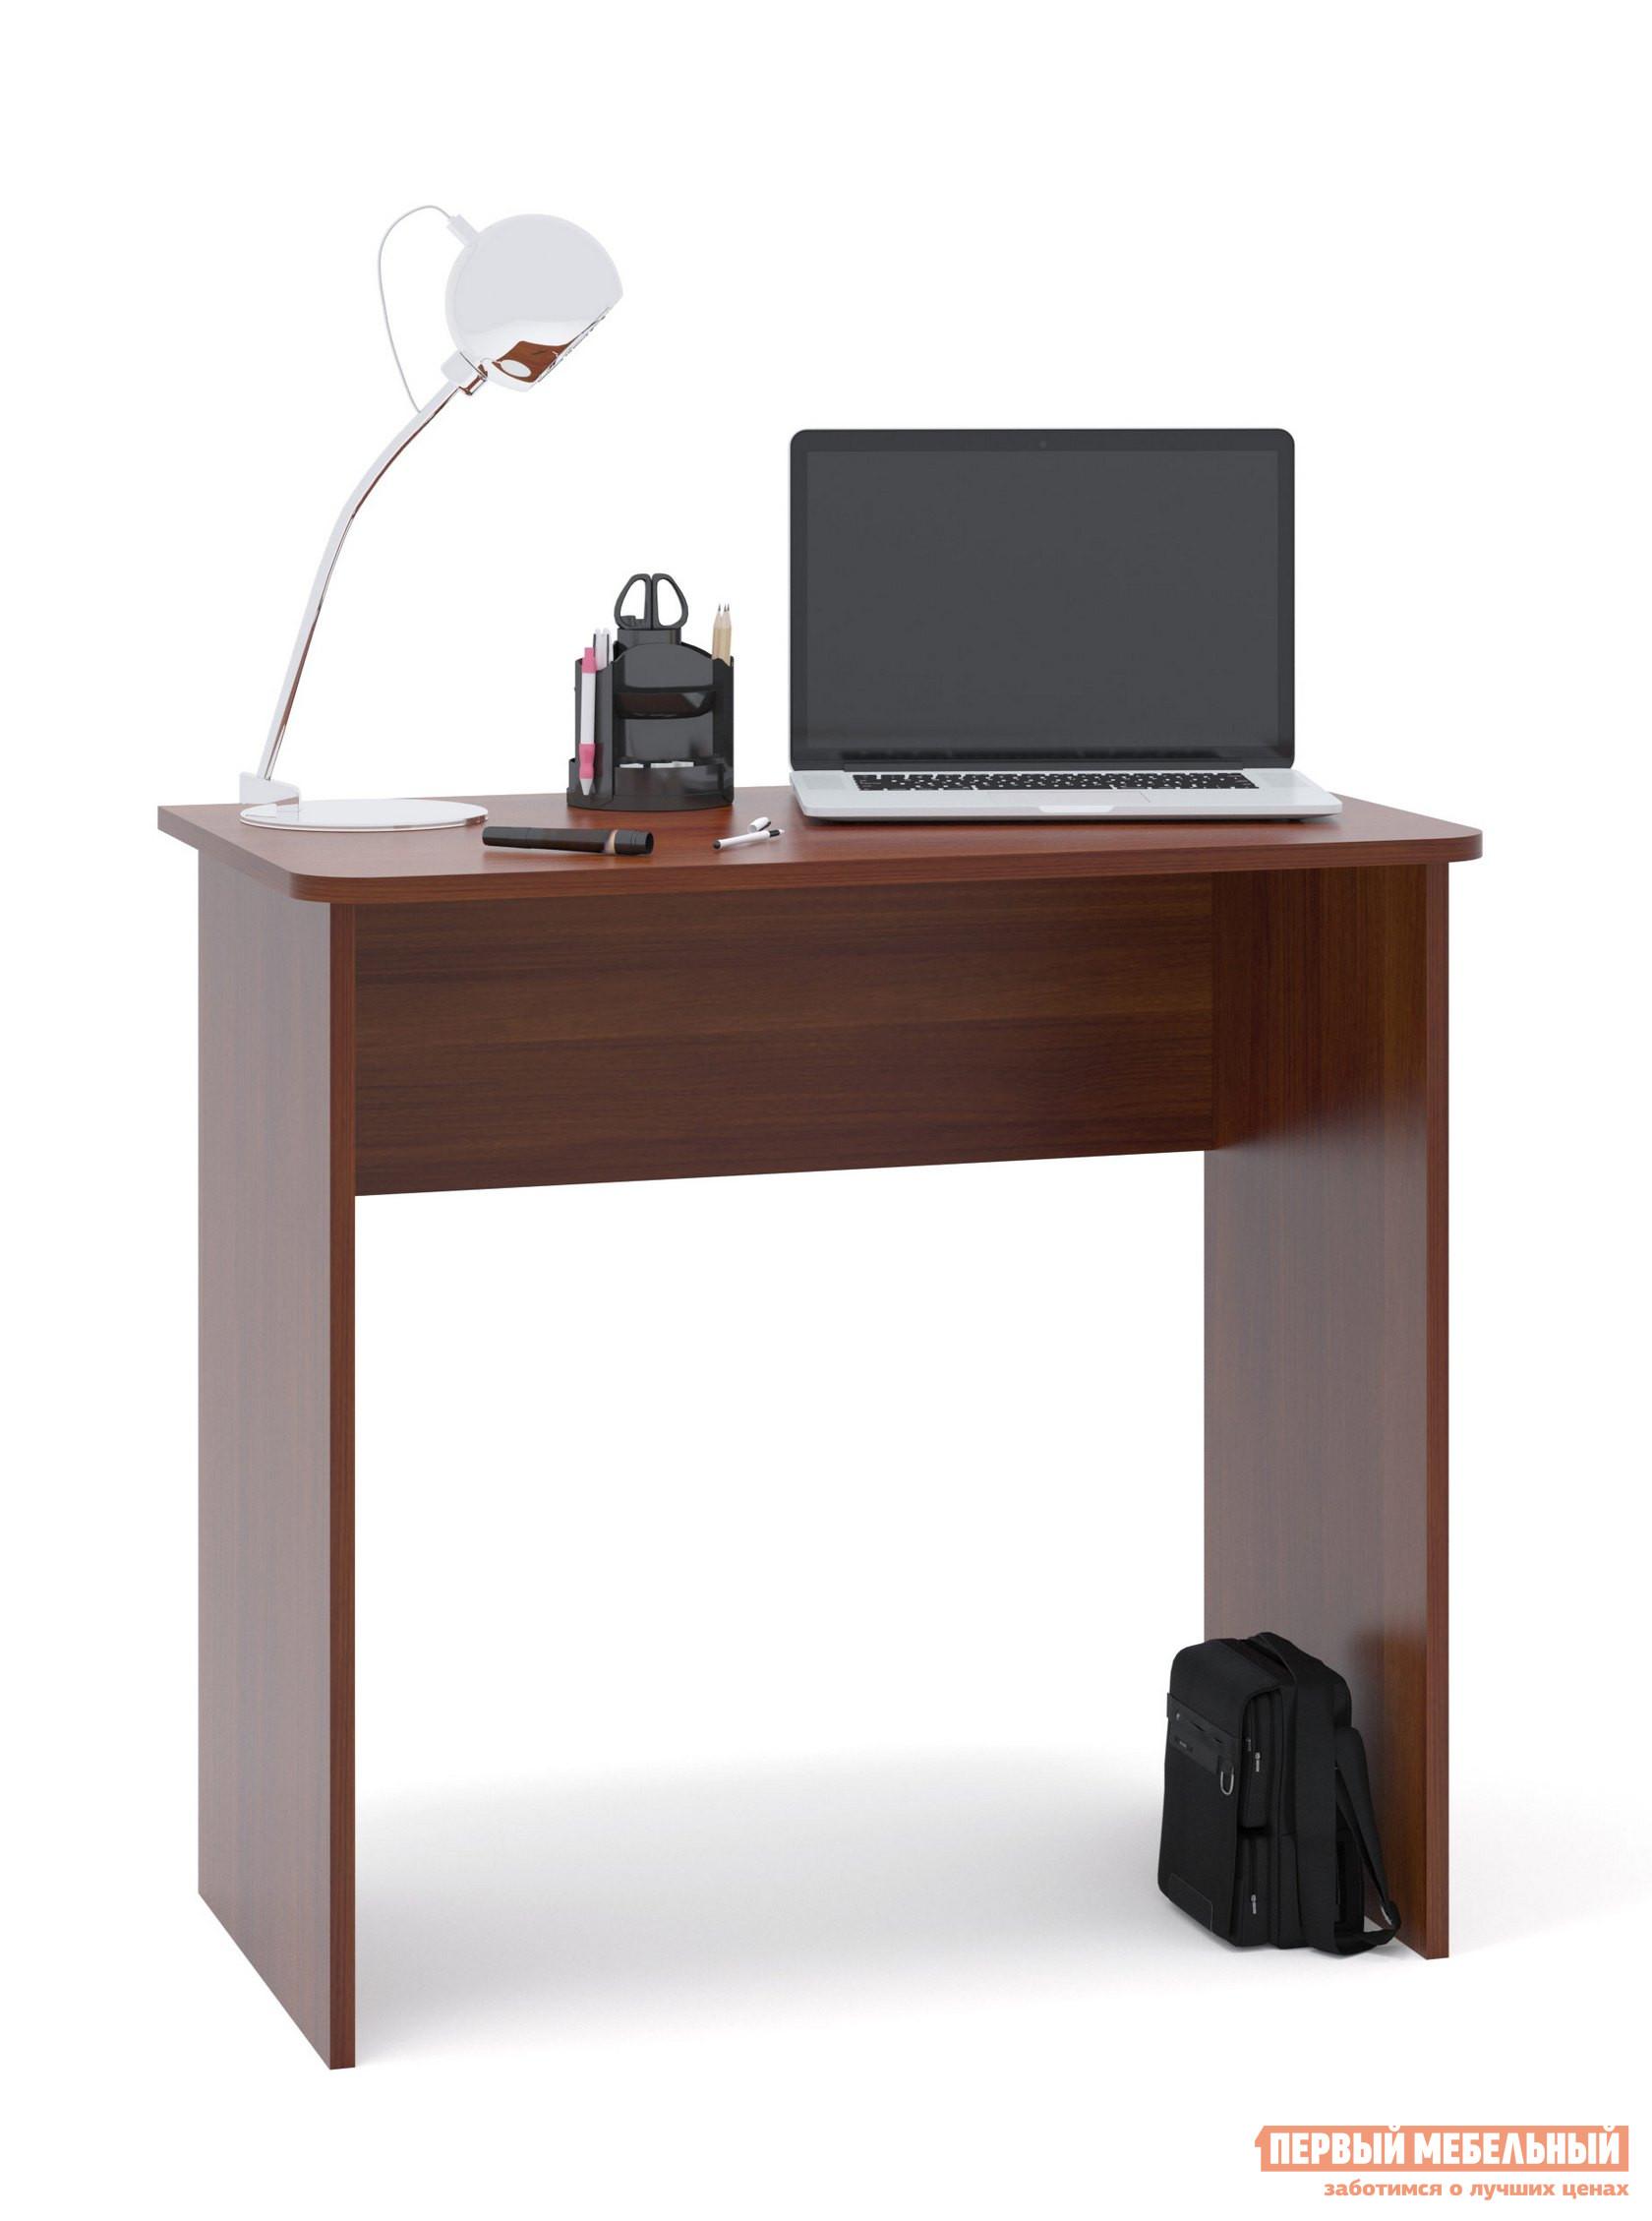 Письменный стол Сокол СПМ-08 Испанский орехПисьменные столы<br>Габаритные размеры ВхШхГ 740x800x446 мм. Небольшой письменный стол для работы или учебы.  Стол можно использовать как письменный или компьютерный.  Простая конструкция стола впишется в любой интерьер и не будет его загромождать лишними деталями. Столешница изготовлена из ЛДСП отечественного производства толщиной 16 мм, отделана кромкой ПВХ 2 мм.  Рекомендуем сохранить инструкцию по сборке (паспорт изделия) до истечения гарантийного срока.<br><br>Цвет: Красное дерево<br>Высота мм: 740<br>Ширина мм: 800<br>Глубина мм: 446<br>Кол-во упаковок: 1<br>Форма поставки: В разобранном виде<br>Срок гарантии: 2 года<br>Тип: Прямые<br>Материал: Дерево<br>Материал: ЛДСП<br>Размер: Маленькие<br>Размер: Ширина 80 см<br>Стиль: Современный<br>Стиль: Модерн